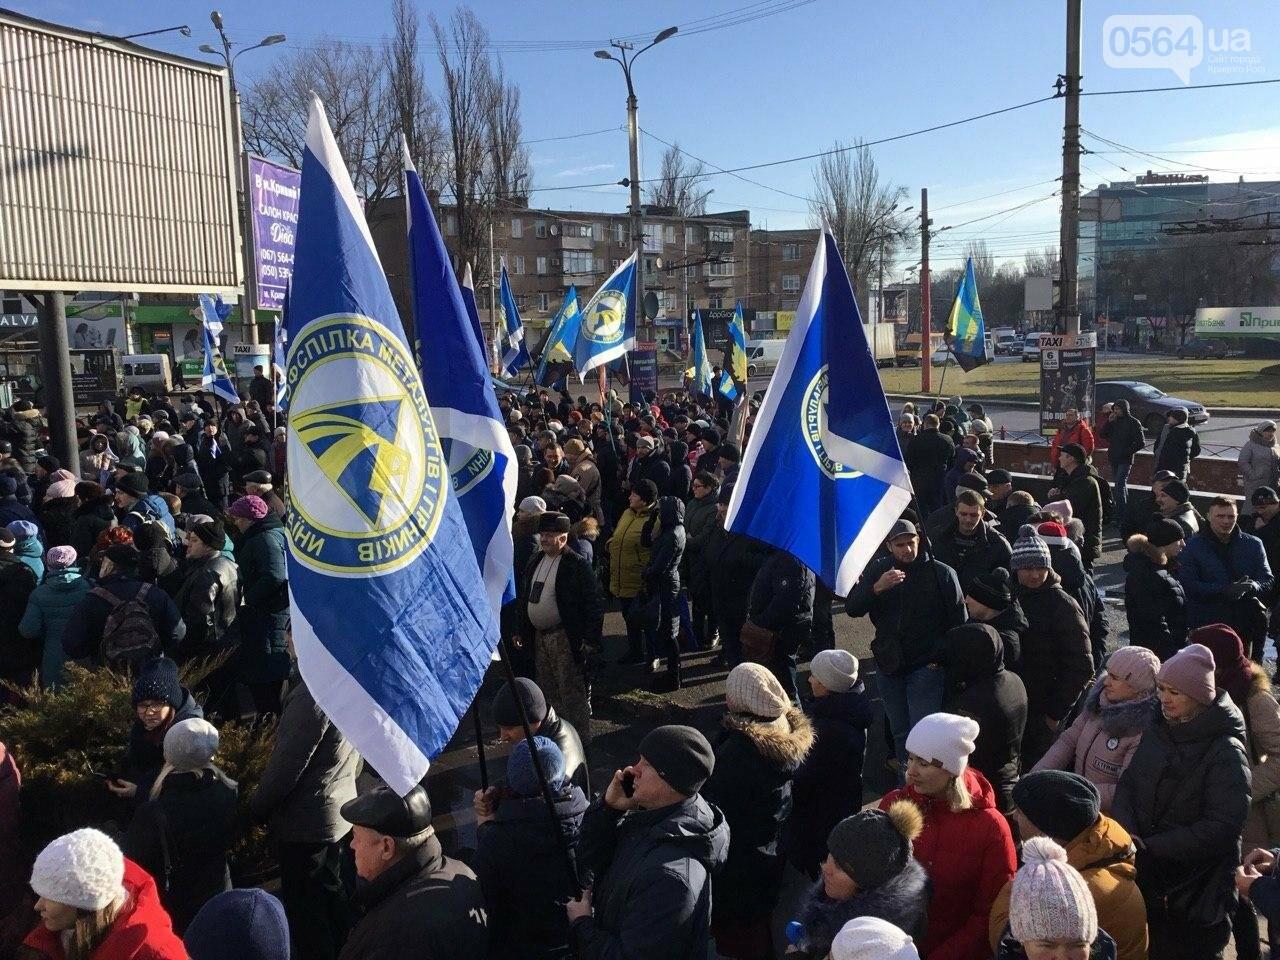 В Кривом Роге протестуют против принятия Радой нового трудового законодательства, - ФОТО, ВИДЕО, фото-6